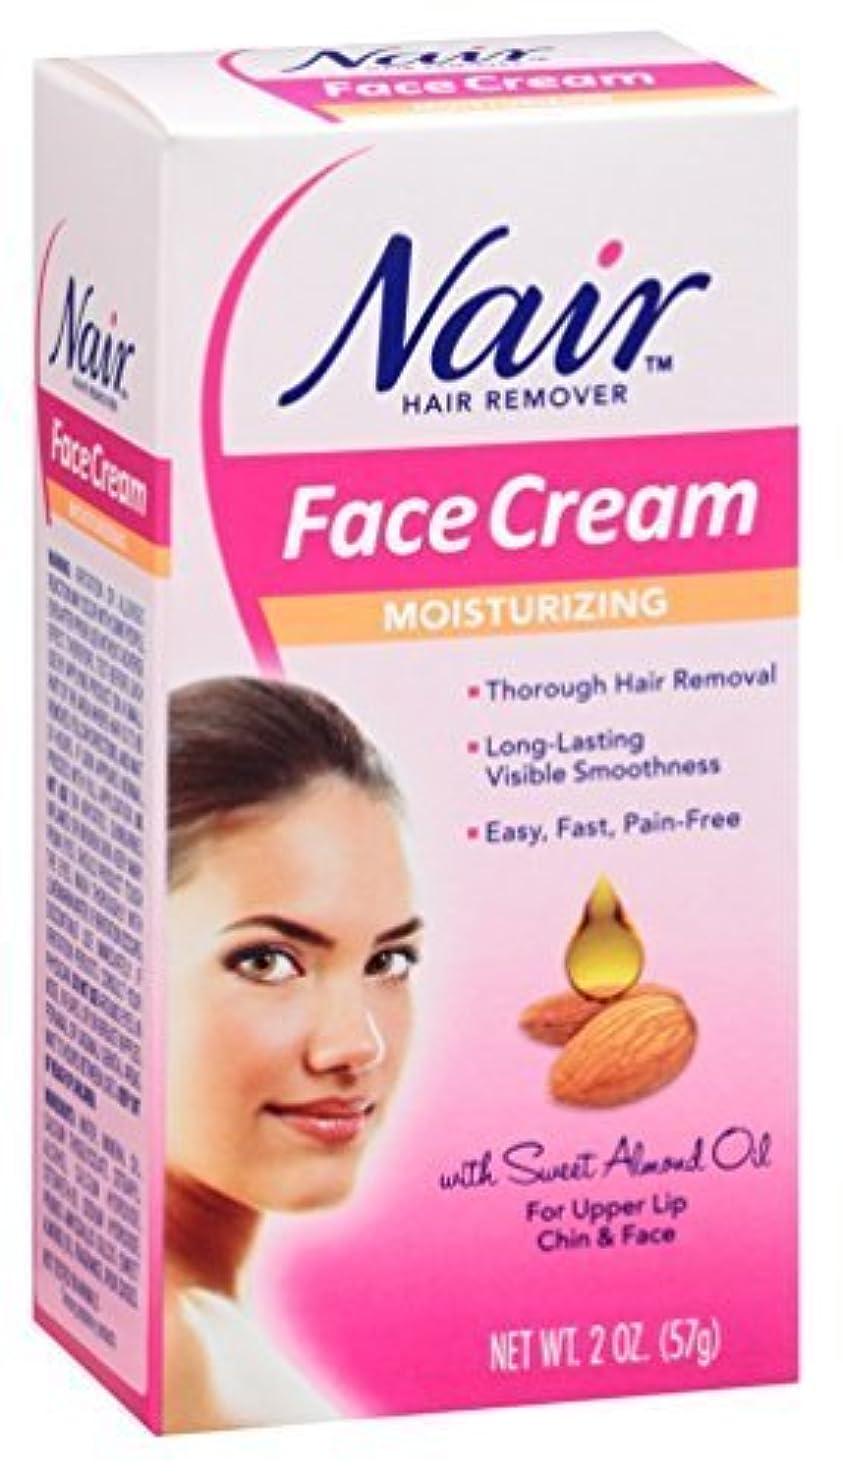 スーツ放棄する政府Nair Moisturizing Face Cream Hair Remover 2 oz by Nair [並行輸入品]